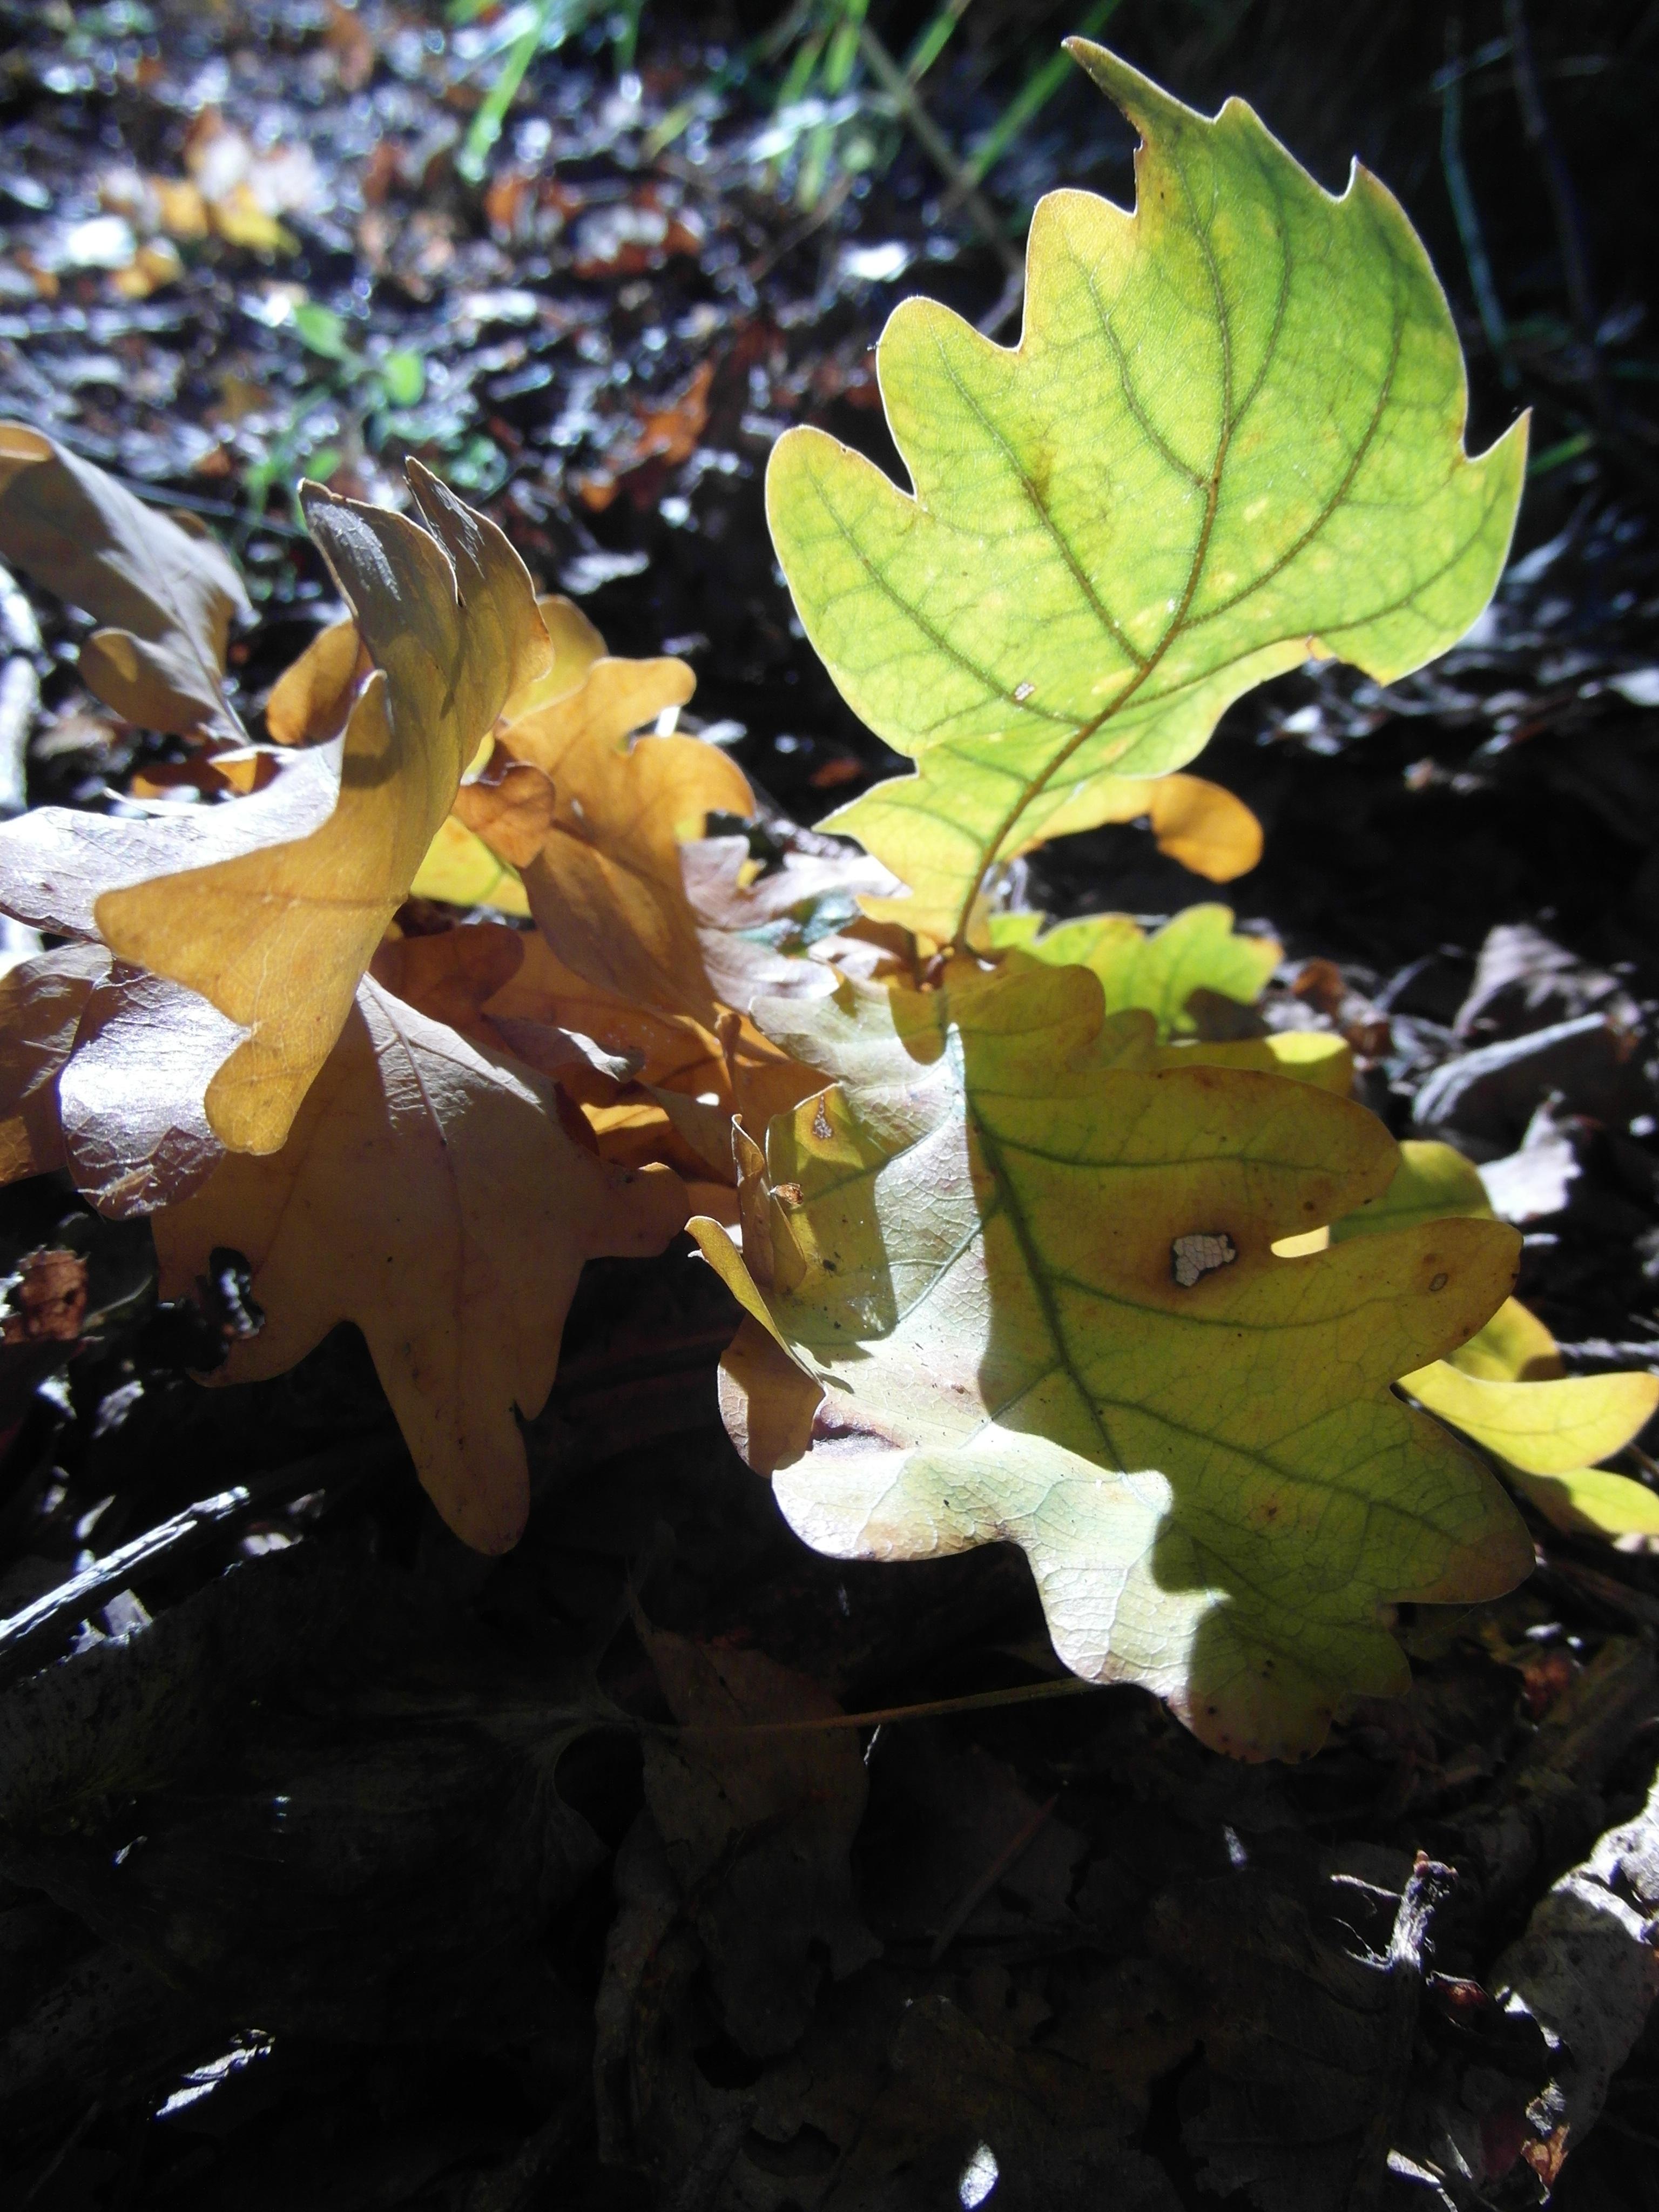 осуществляется когда дуб выпускает новую листву комфортом